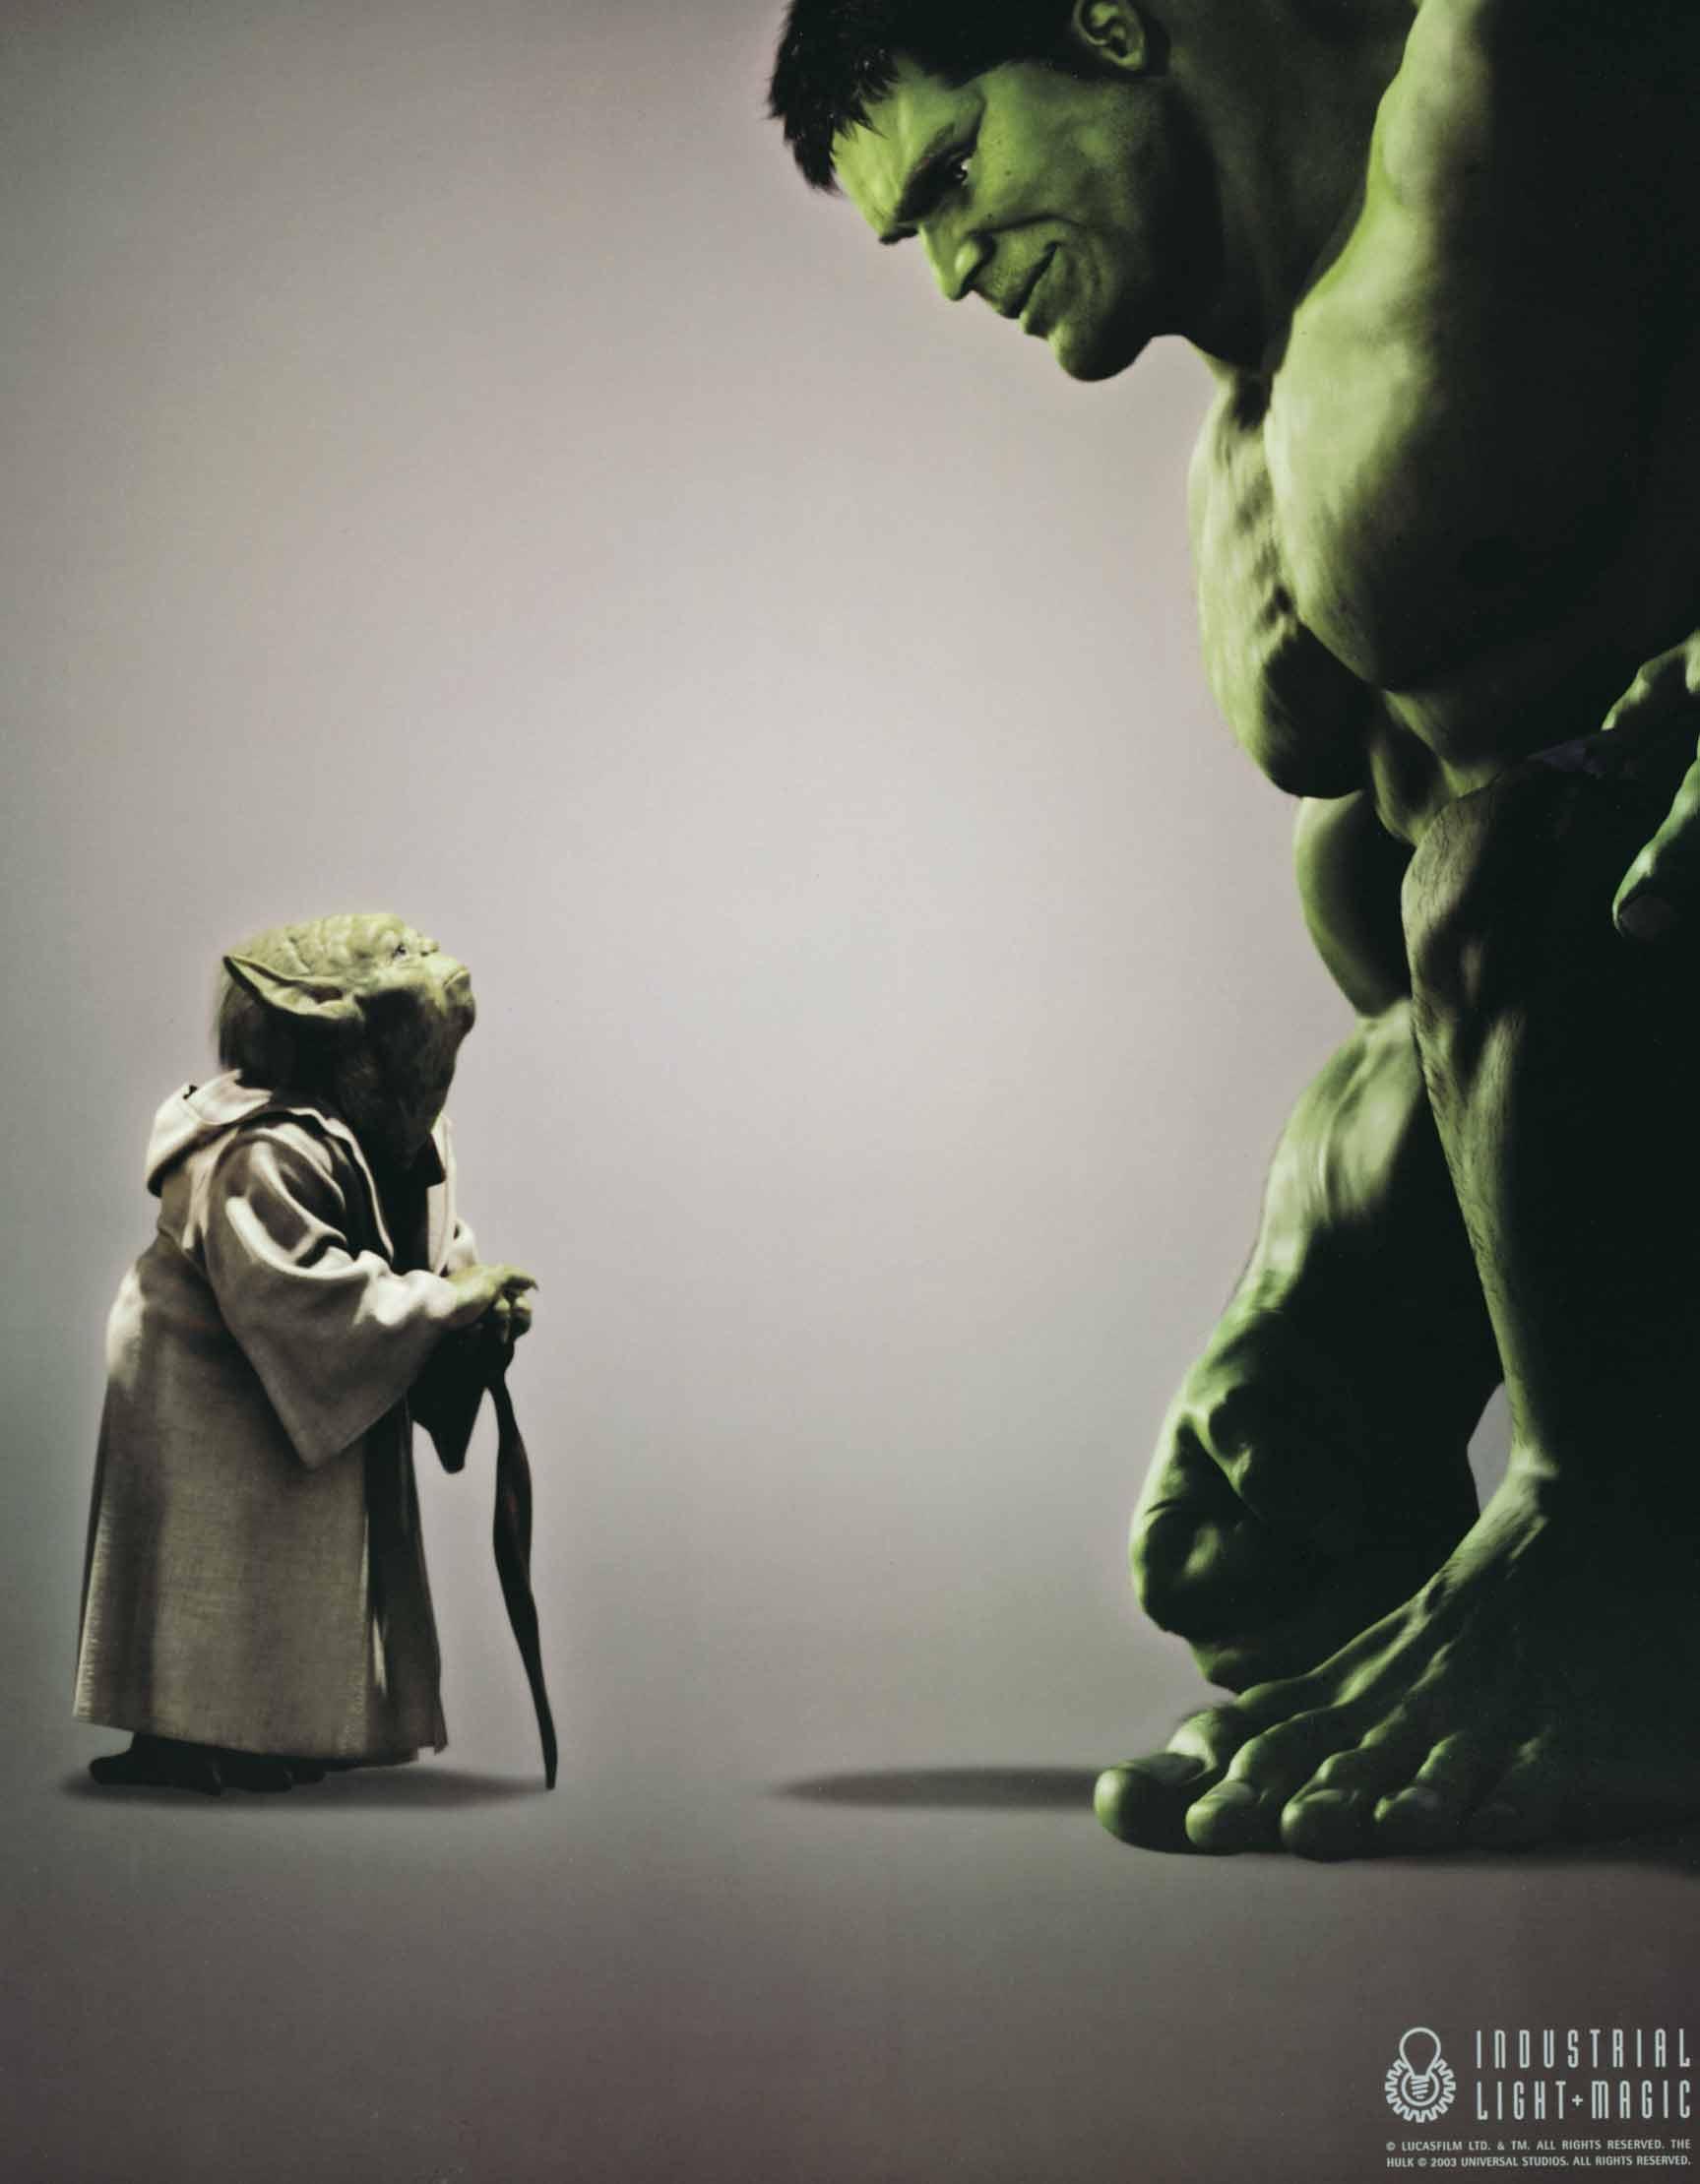 Orgulloso de mi pequeño y verde hulk tras ver los vengadores estoy